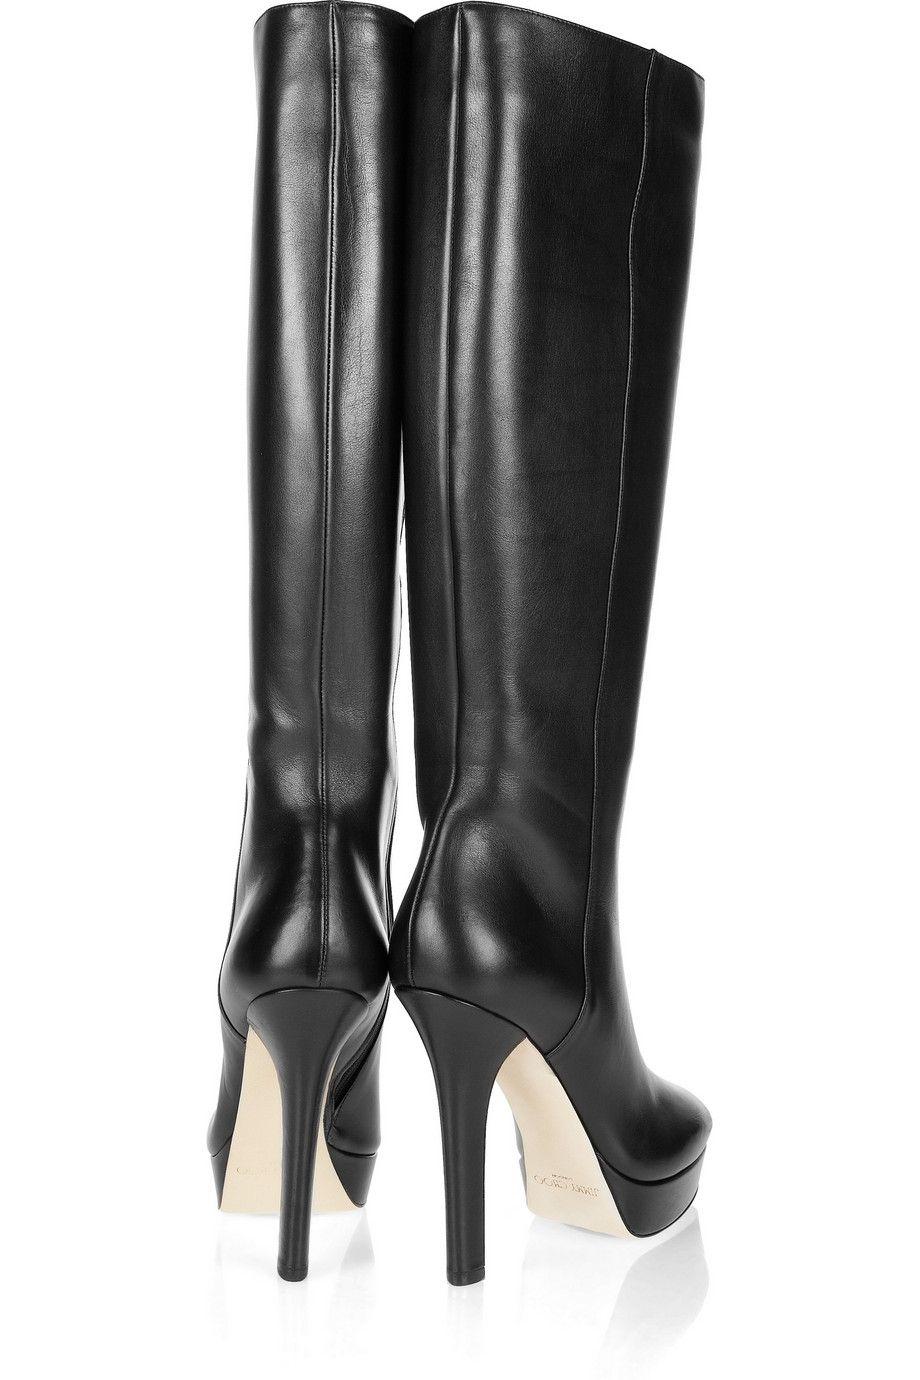 39d69f97 botas de caña alta para mujer - Buscar con Google | high heel boots ...